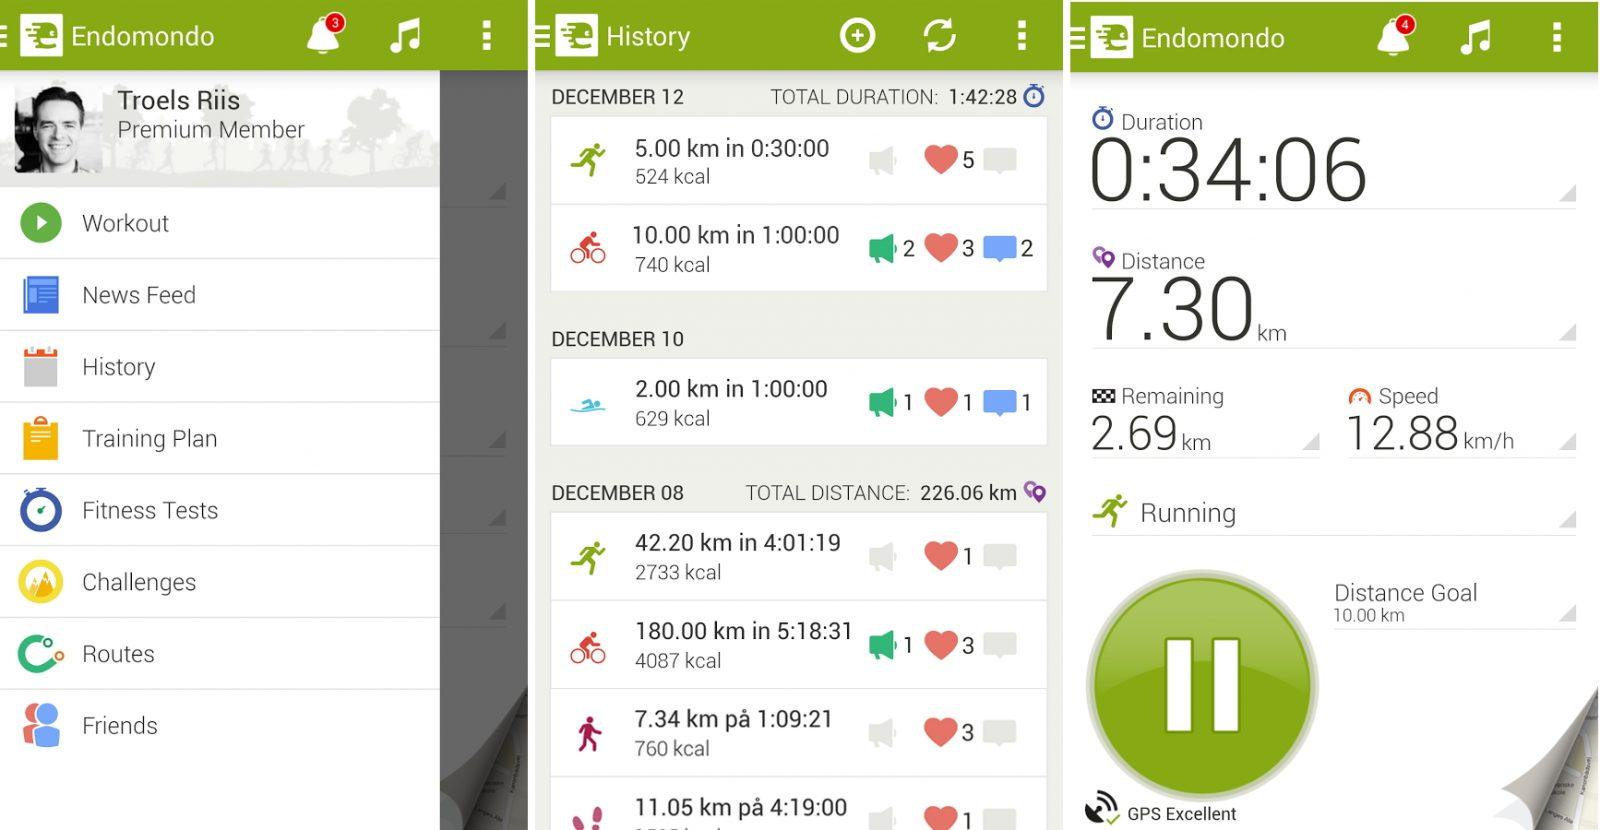 Aplicación deportiva Endomondo Sports Tracker